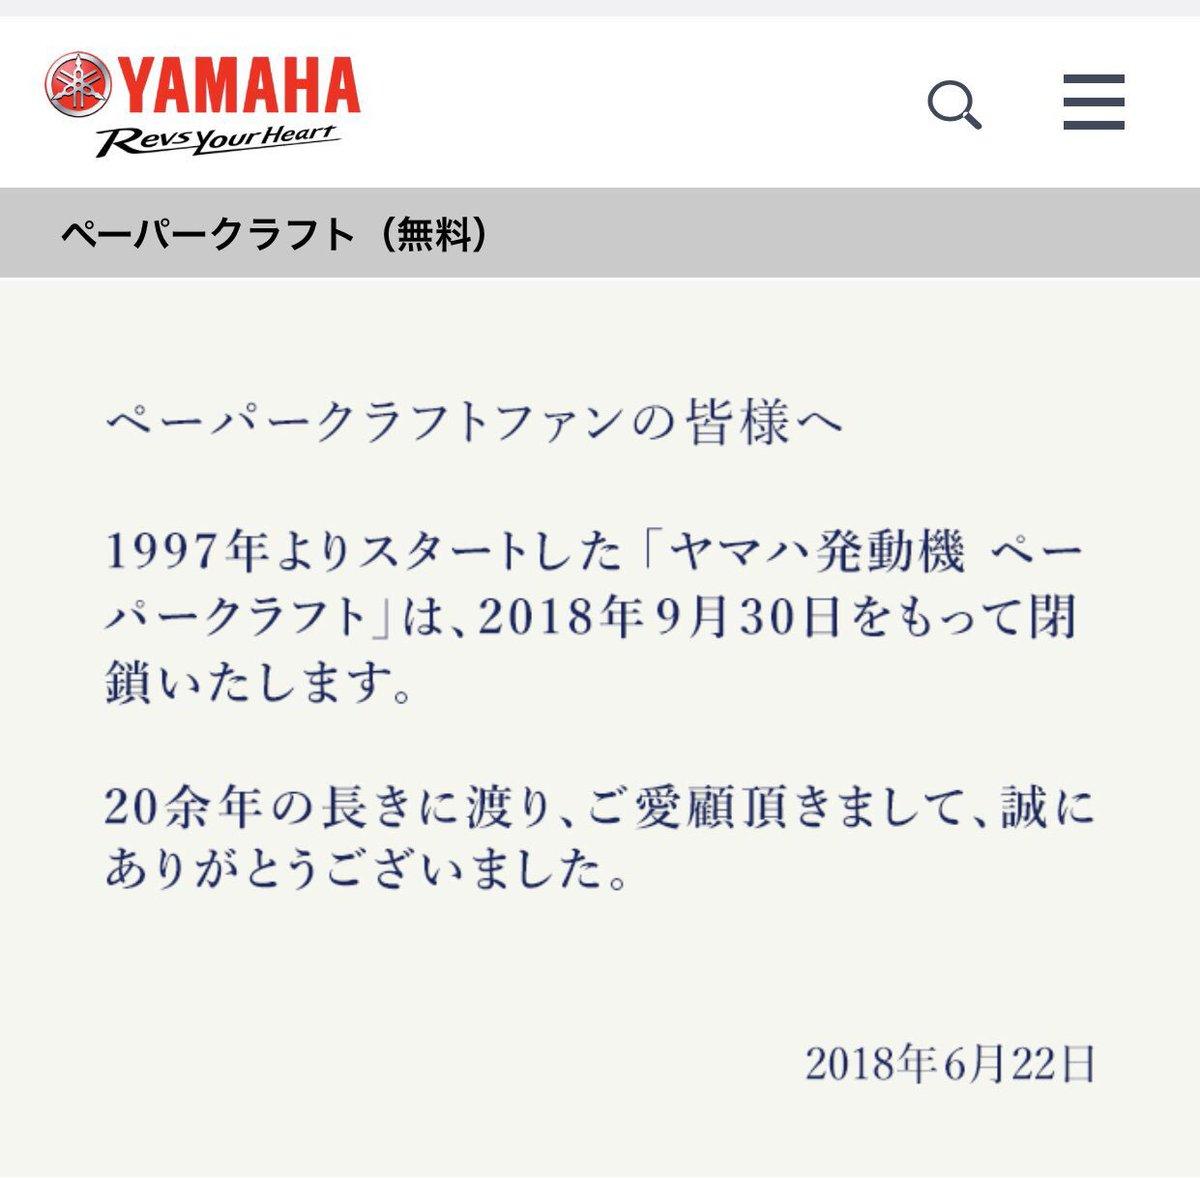 長い間ペーパークラフトを無料で公開していたヤマハのサイトが今月末で終了します。このサイトのメインはバイクですが、・世界の希少動物シリーズ・日本の希少動物シリーズこの2つはすごいです公開終了になる前に、PDFで保存したり…